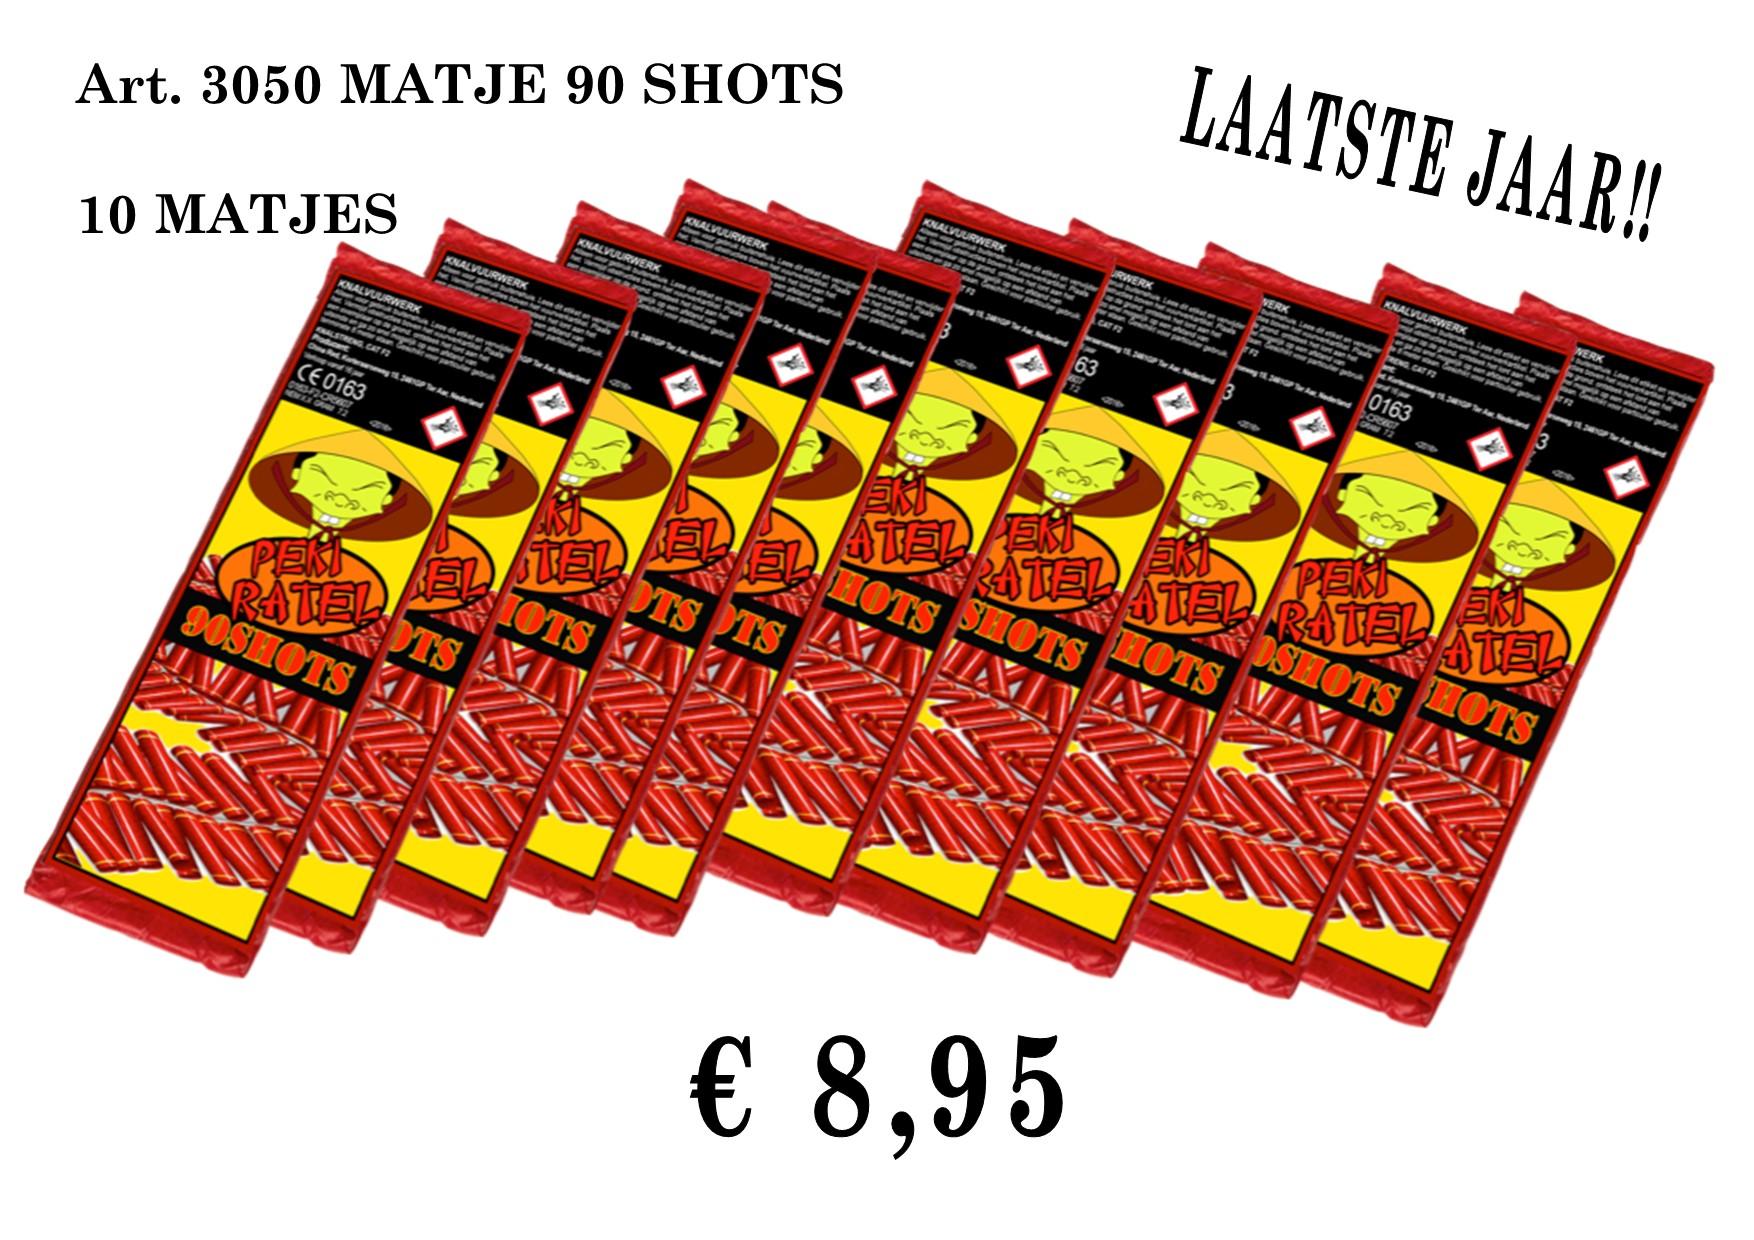 art. 3050 10 MATJES VAN 90 SHOTS (laatste jaar)